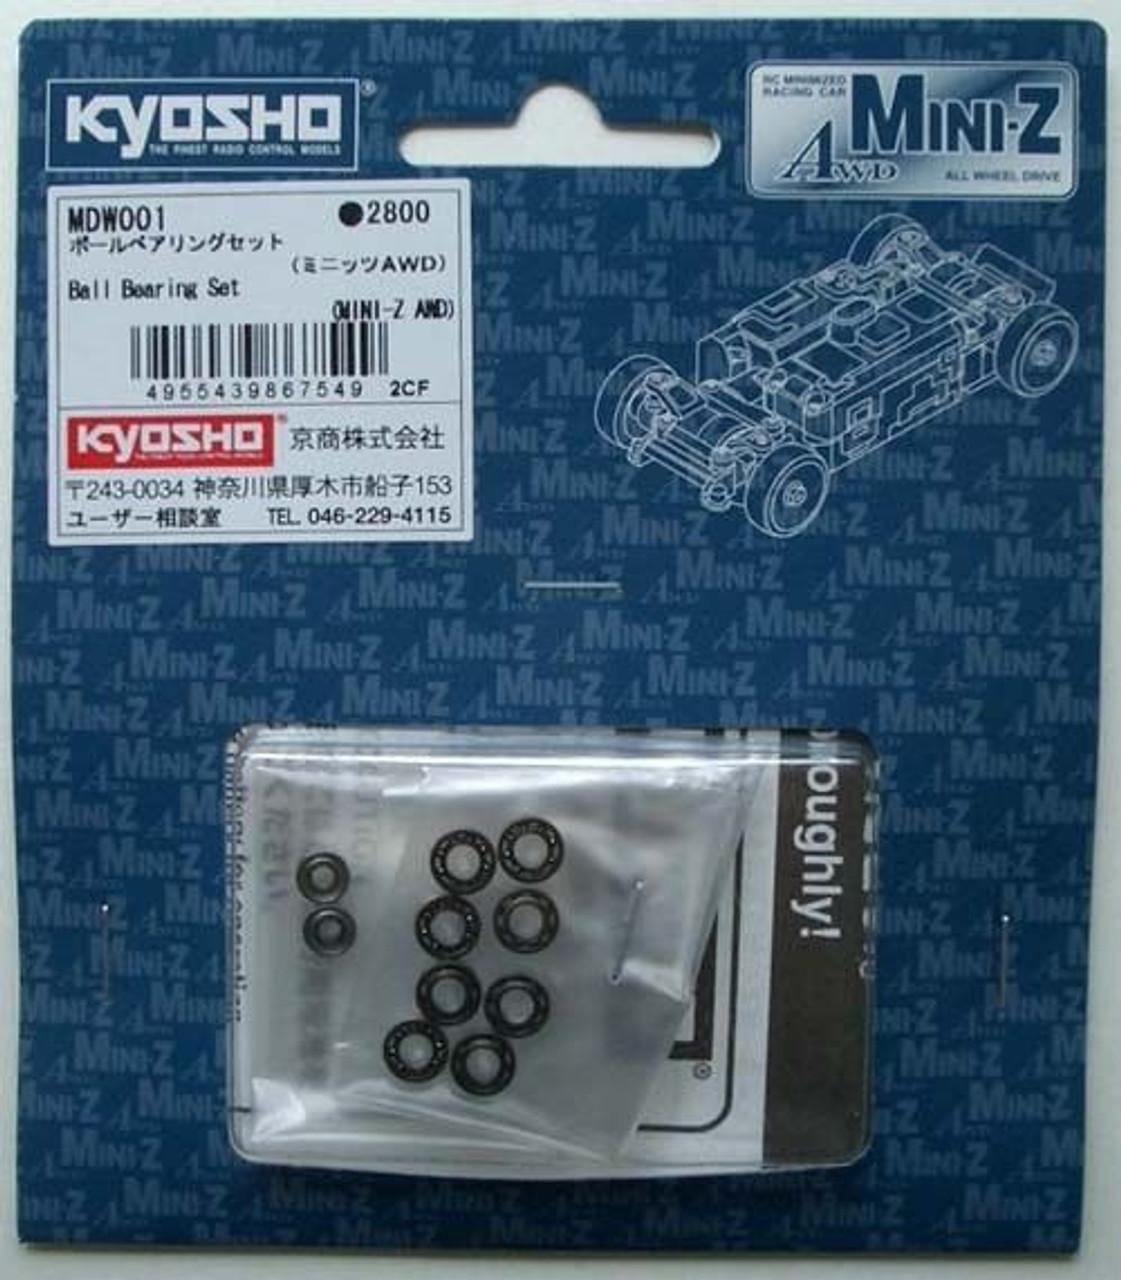 New Kyosho Mini Z MD011 Screw Set Mini-Z AWD From Japan F//S